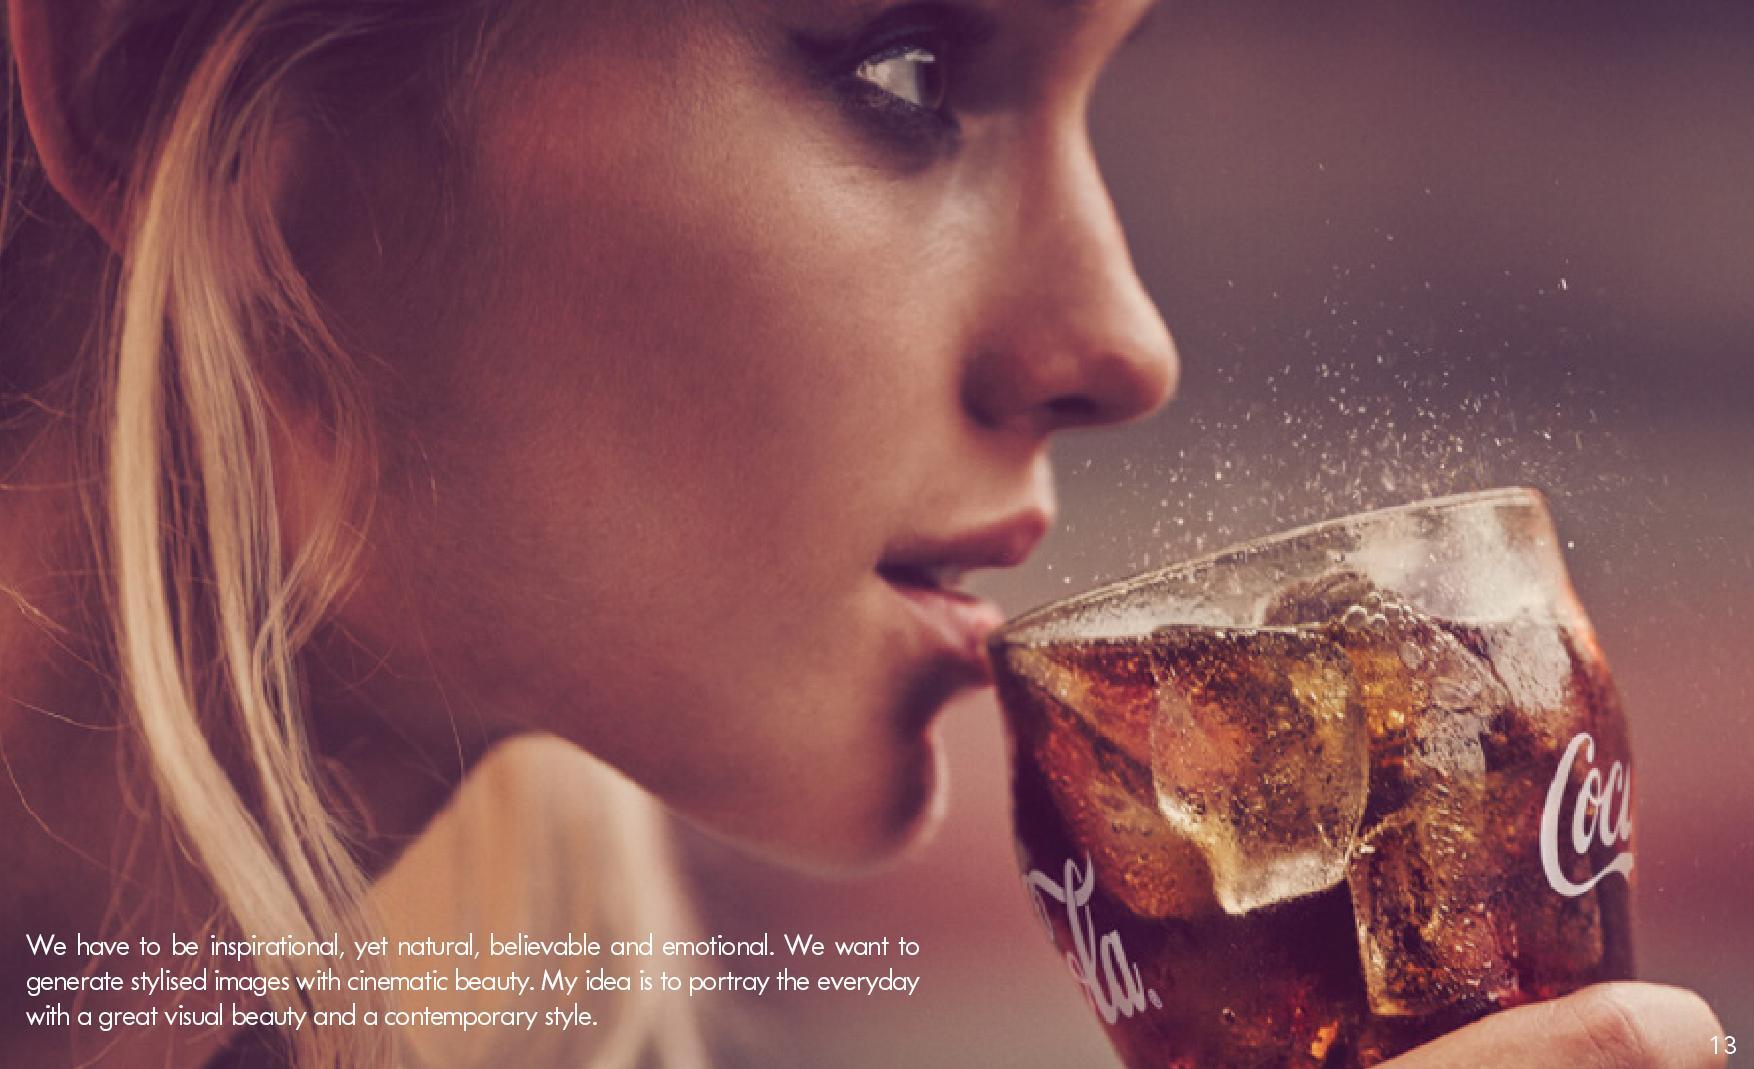 Coca Cola-page-013.jpg